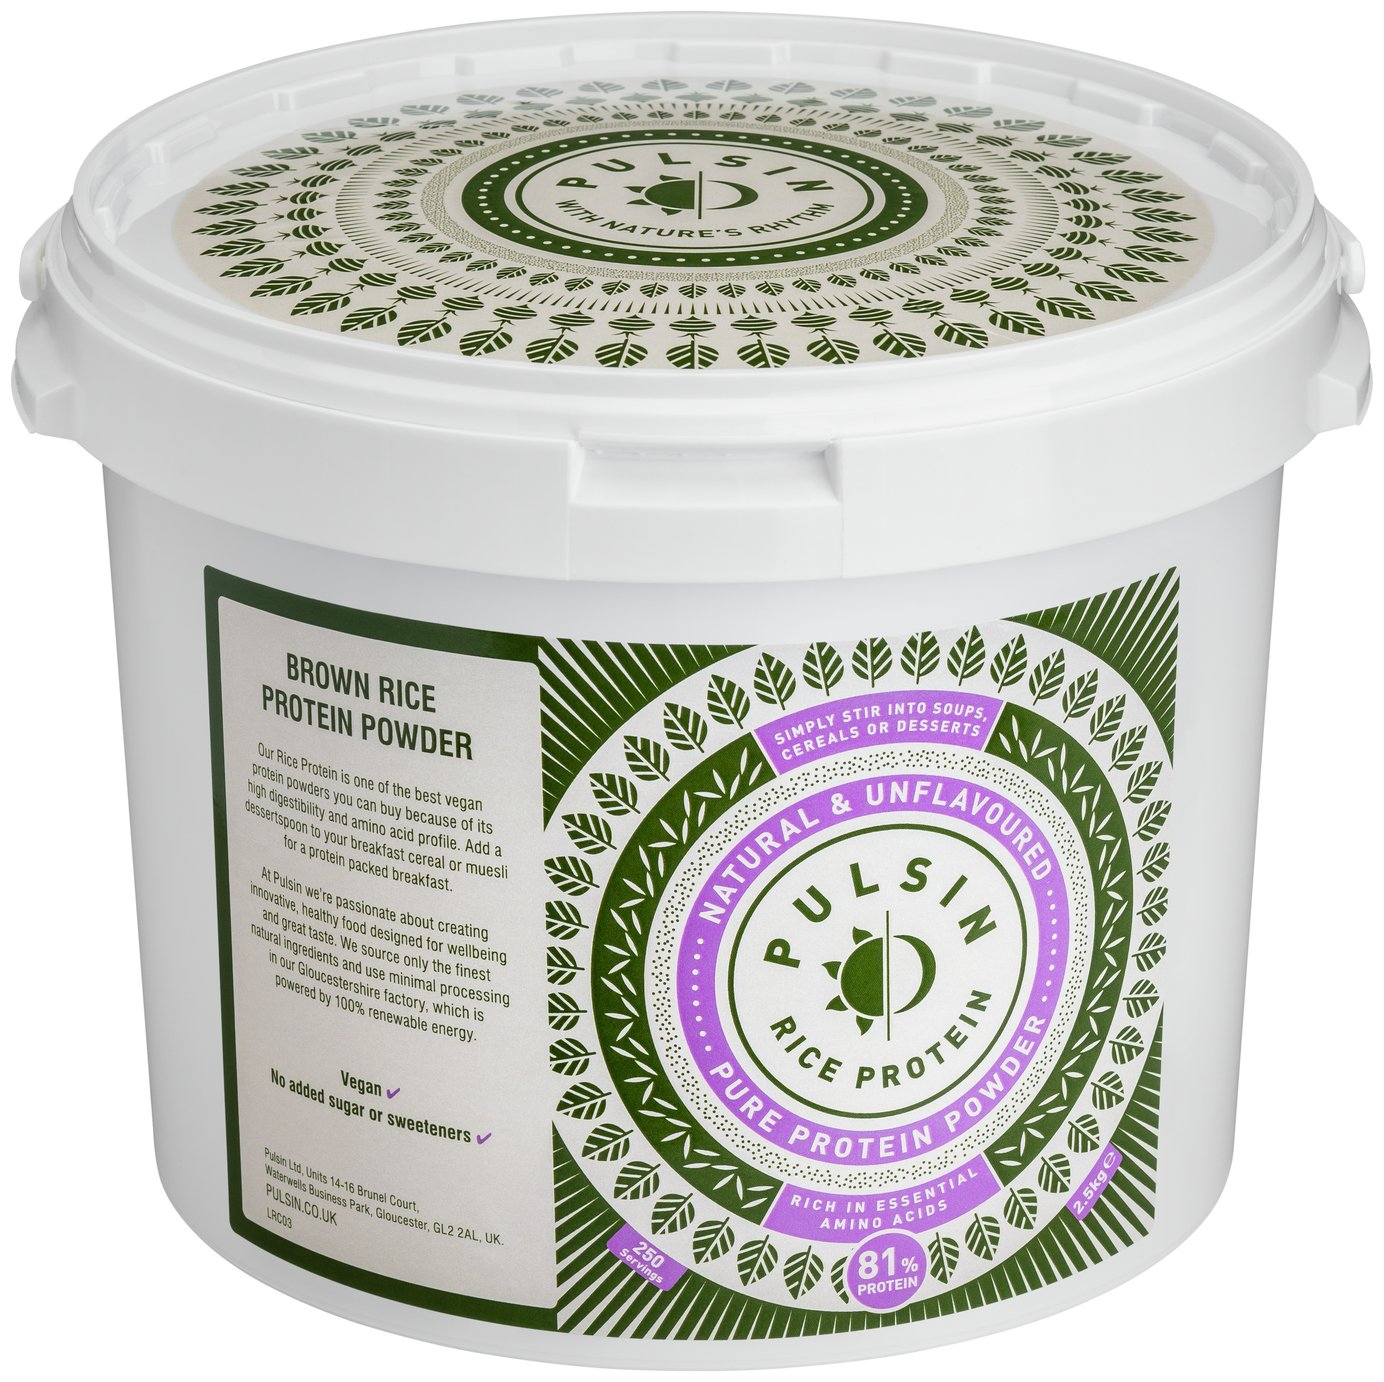 Pulsin Rice Protein Powder